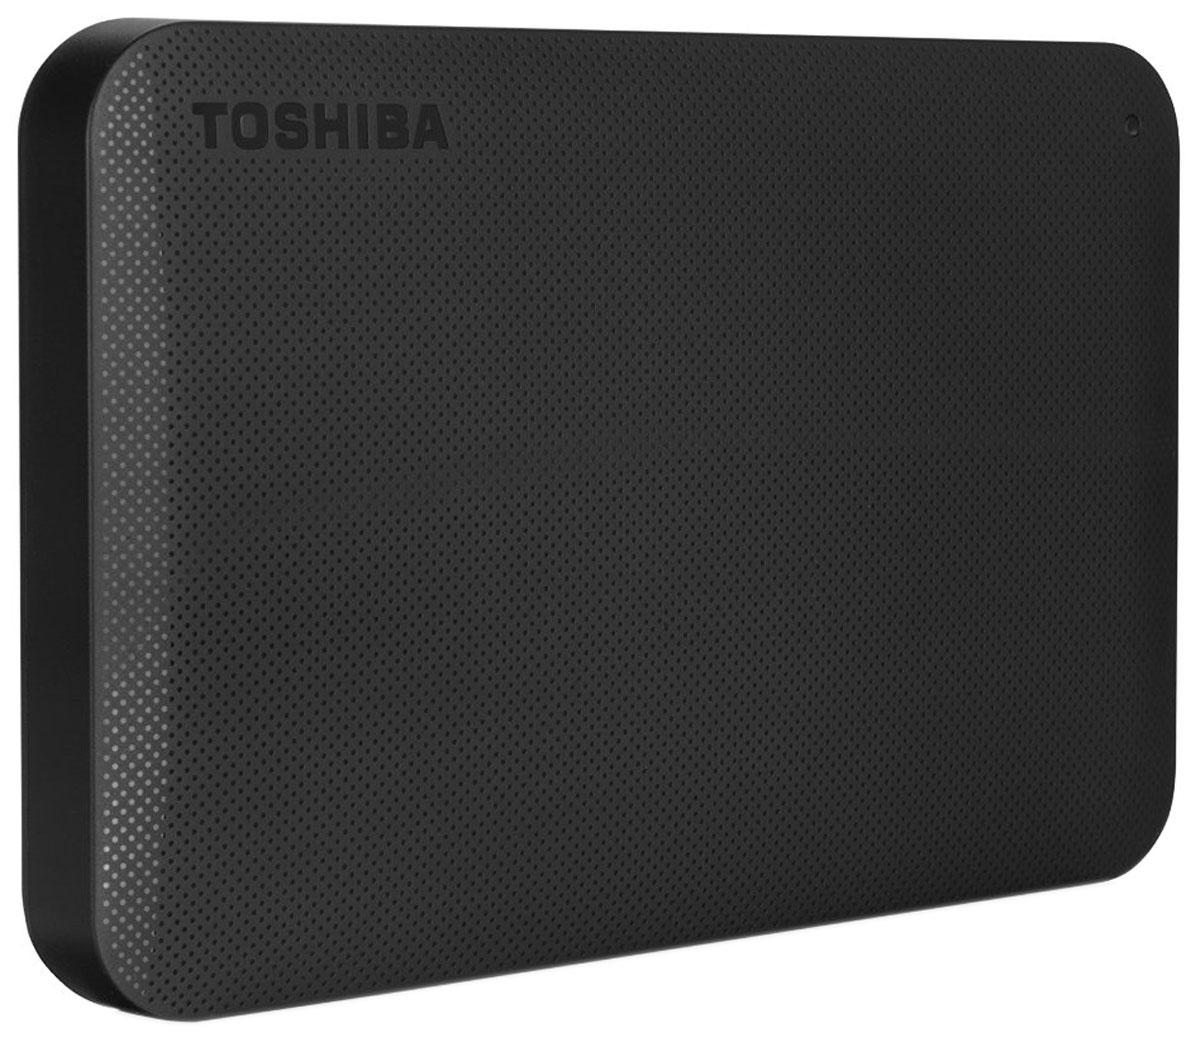 Toshiba Canvio Ready 1TB, Black внешний жесткий диск (HDTP210EK3AA)HDTP210EK3AAВнешний жесткий диск Toshiba Canvio Ready отличается высокими показателями по быстроте деятельности. Практически в течение считанных мгновений у вас появятся доступы к интересующим информационным данным. Такой результат достигается за счет эффективности действия интерфейса USB 3.0.Теперь вы сможете вести запись данных на скорости, равной 5 Гбит/с, что позволит копировать большие файлы в кратчайшие сроки. Обратная совместимость с интерфейсом USB 2.0 гарантирует стабильную работу с оборудованием предыдущего поколения: при помощи Canvio Ready удобно переносить информацию со старого компьютера на новый.Пропускная способность интерфейса: 5 Гбит/сек Поддержка ОС: Windows 10, Windows 8, Windows 7